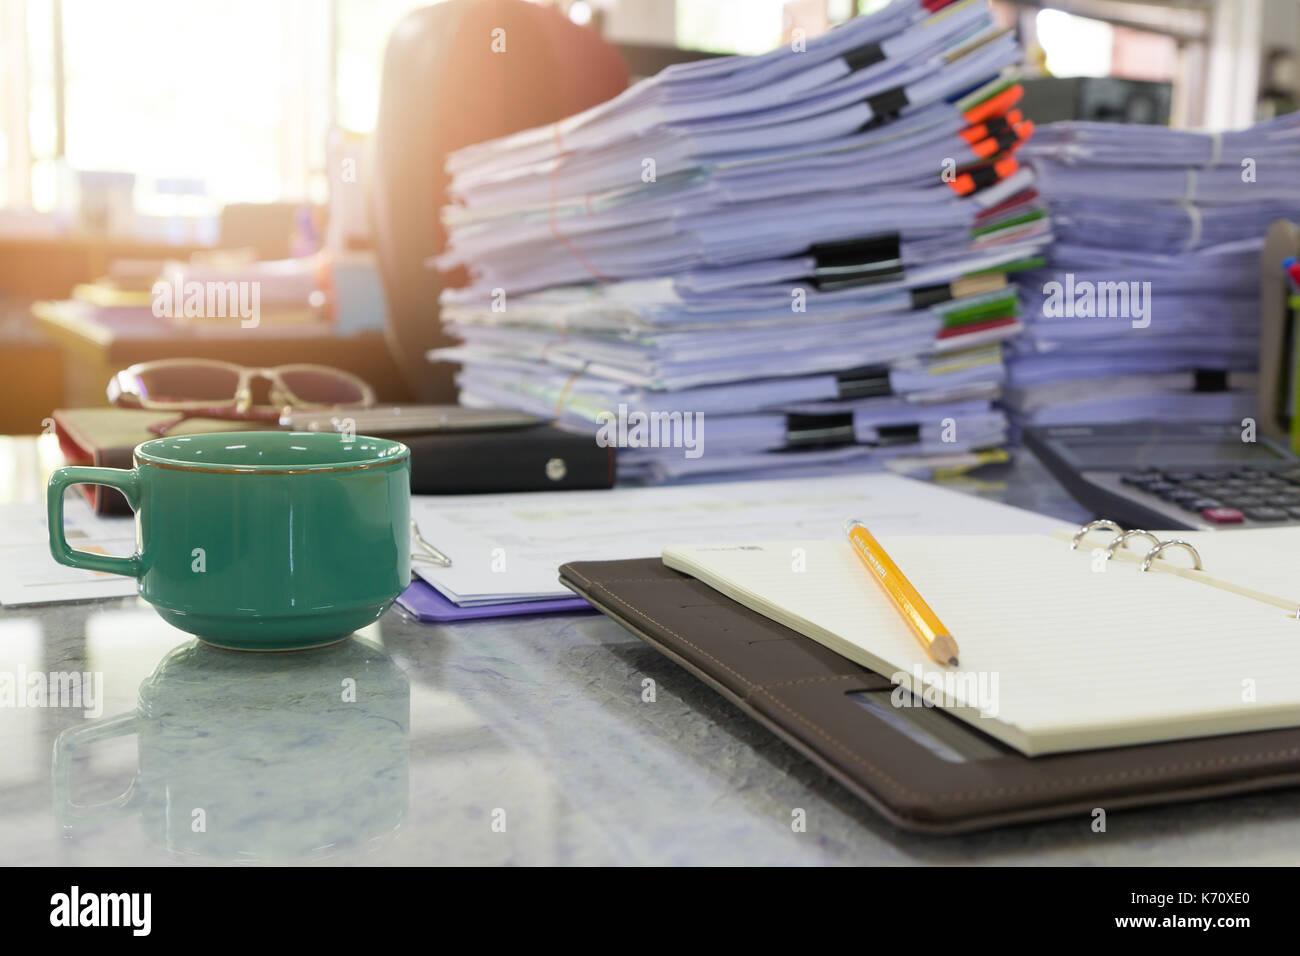 Notion de document, la charge de pile de documents inachevés sur Office 24, pile de papier d'affaires Photo Stock